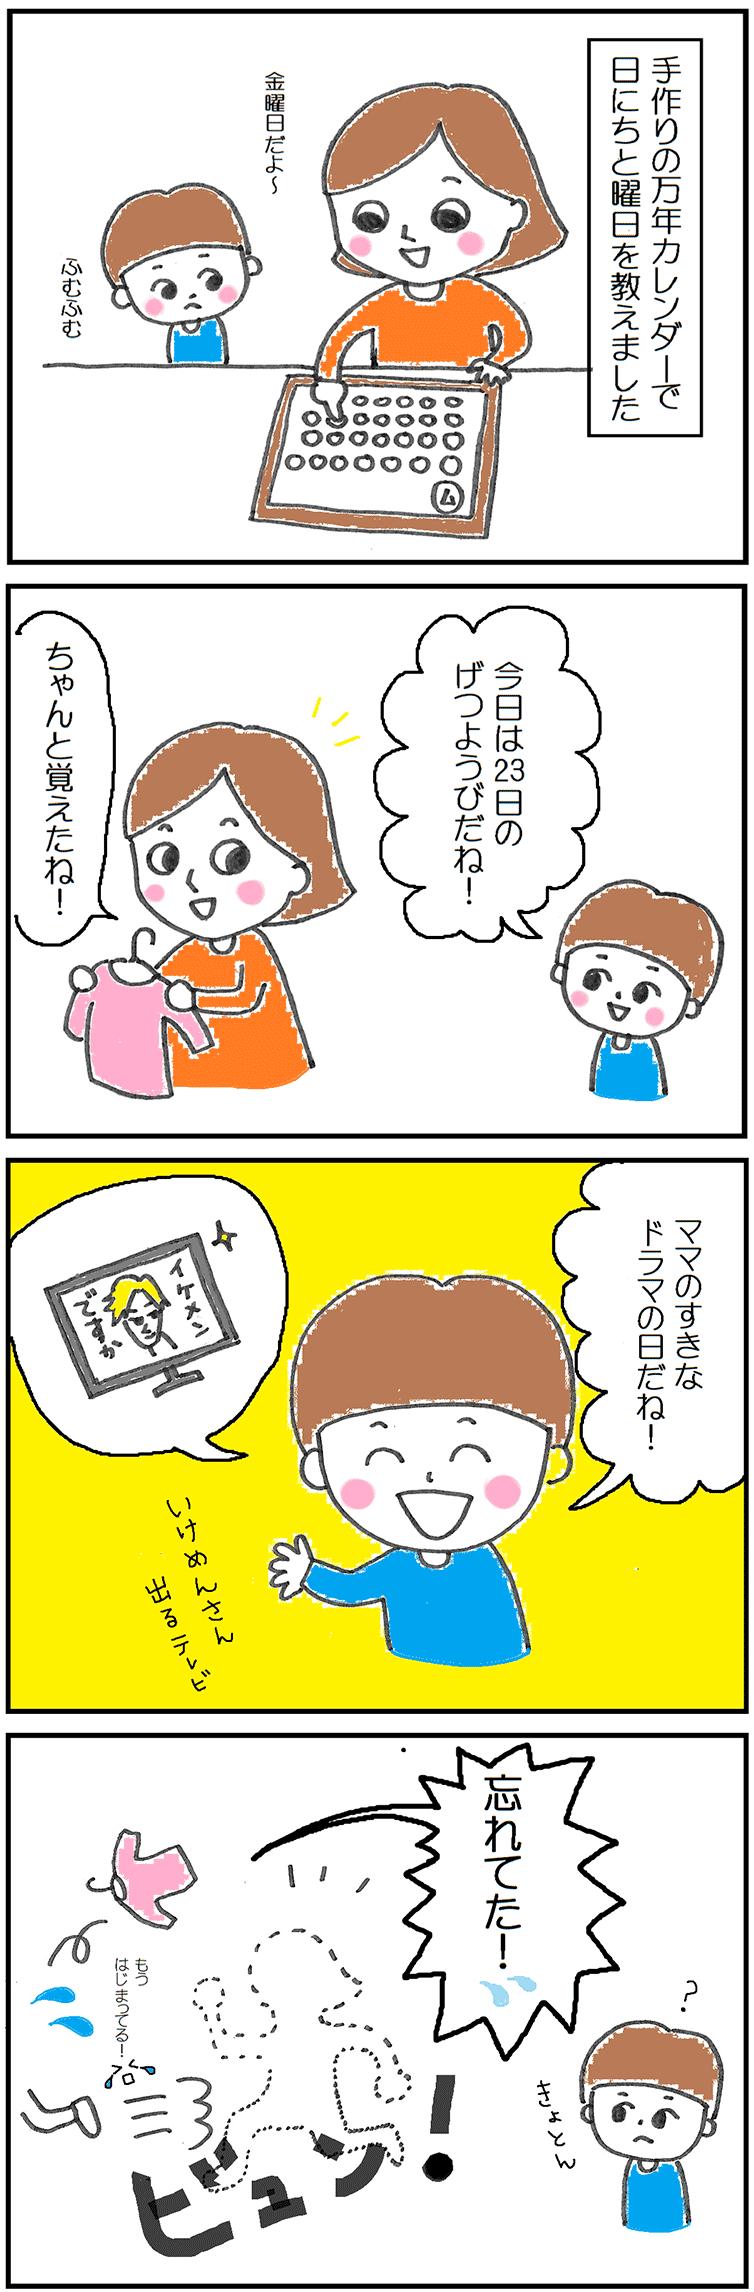 万年カレンダーの子育て4コマ漫画